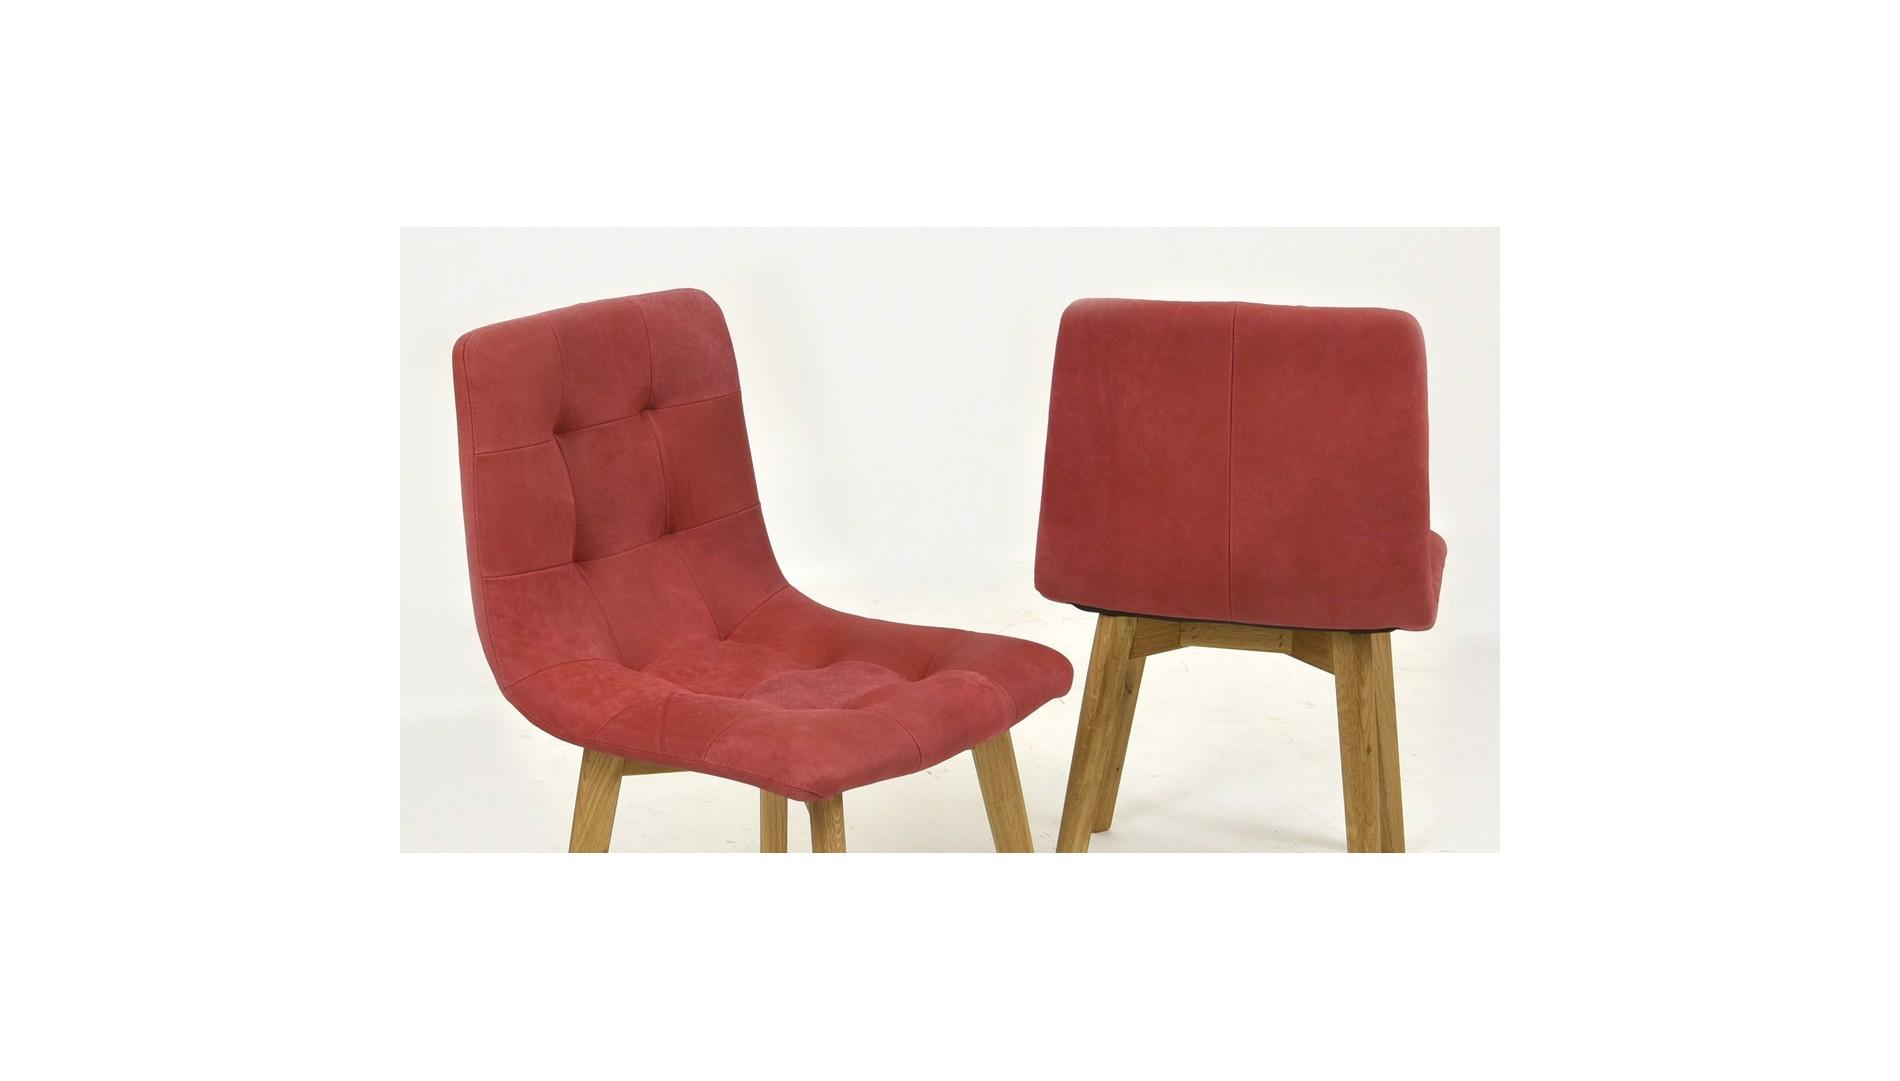 Bővíthető tölgyfa asztal és székek